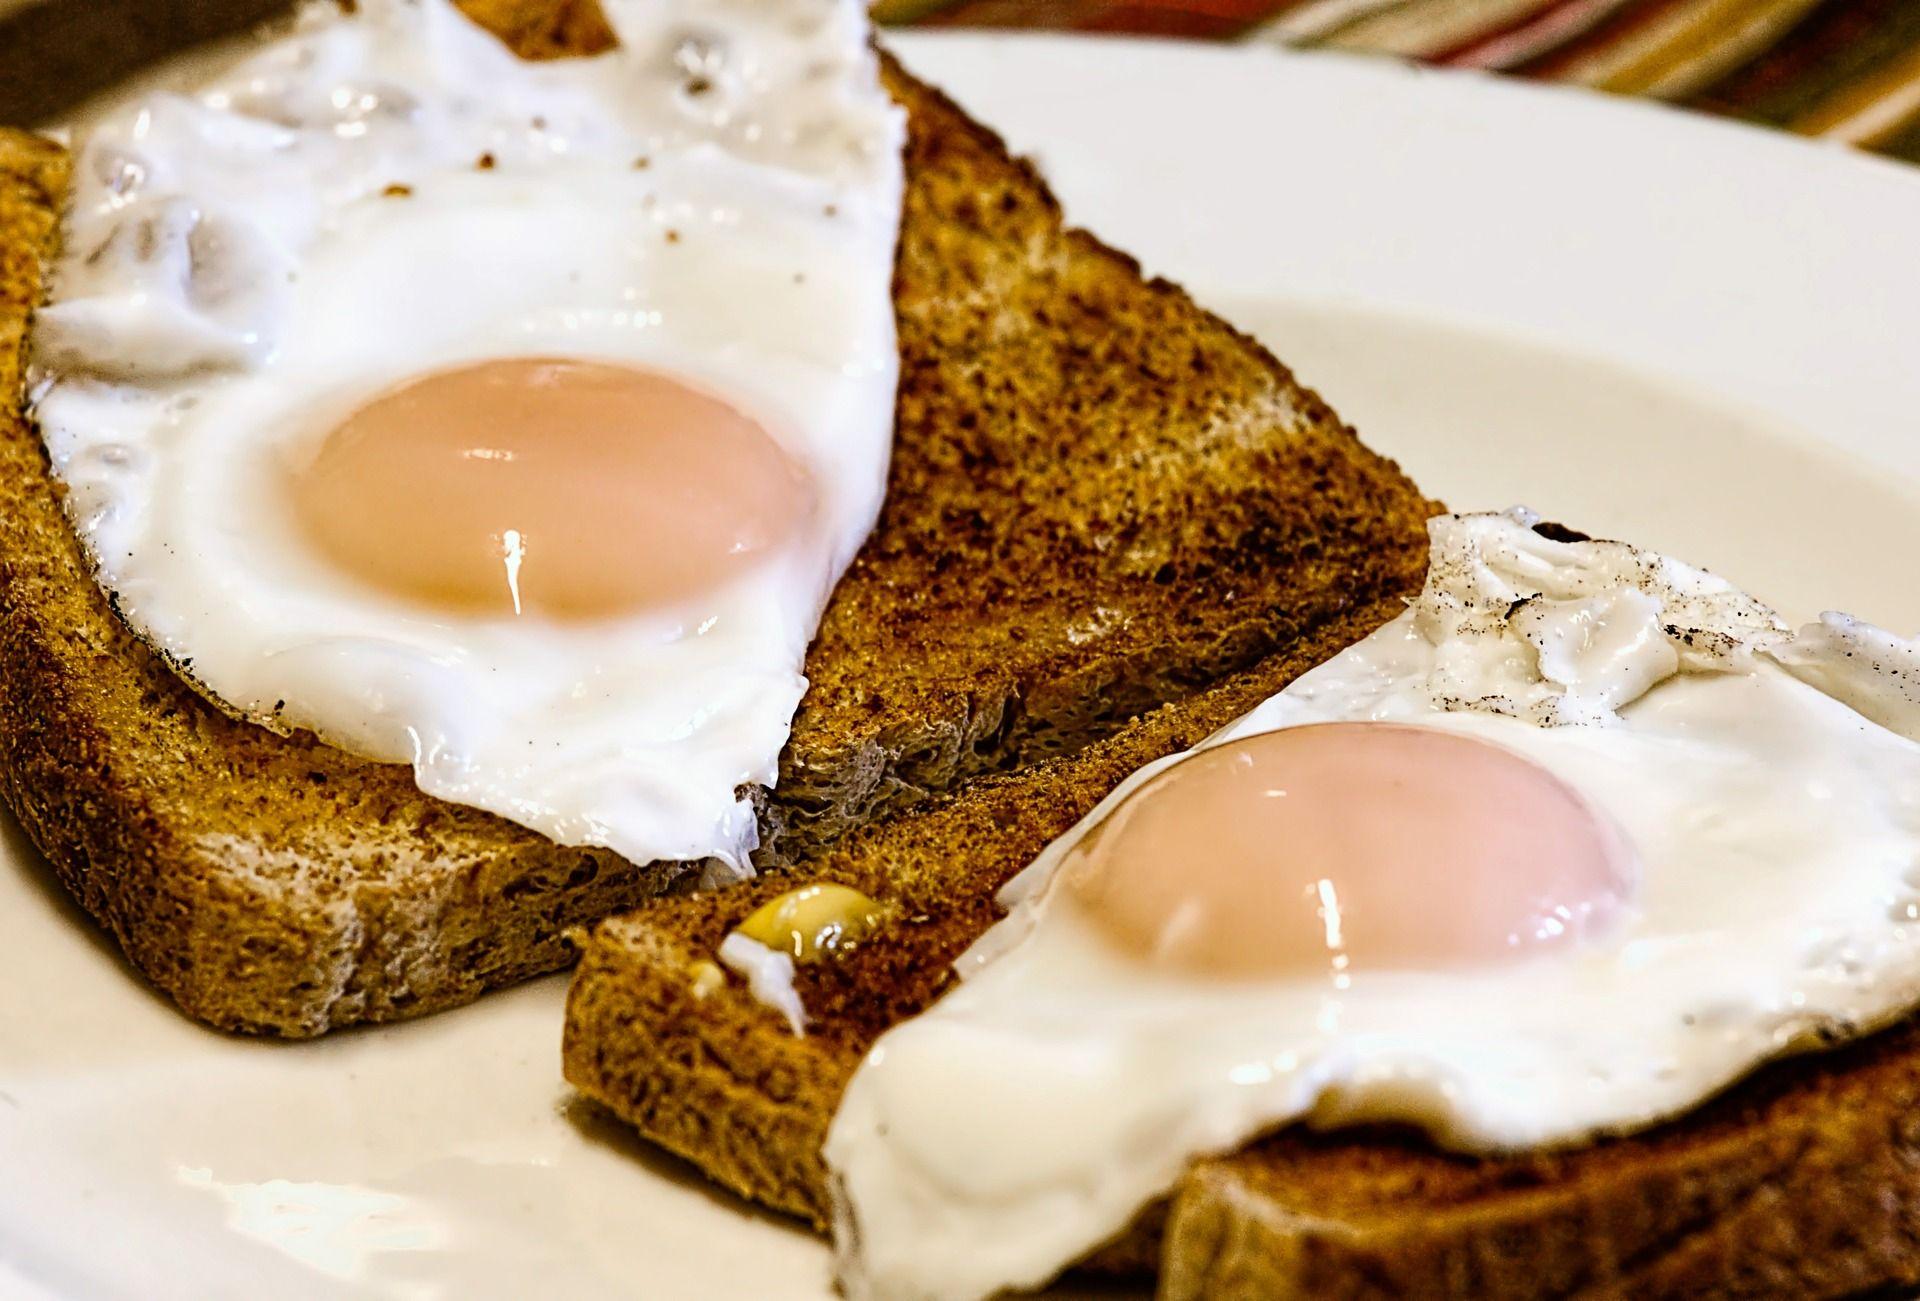 Le 7 cose che (forse) non sapete sulle uova